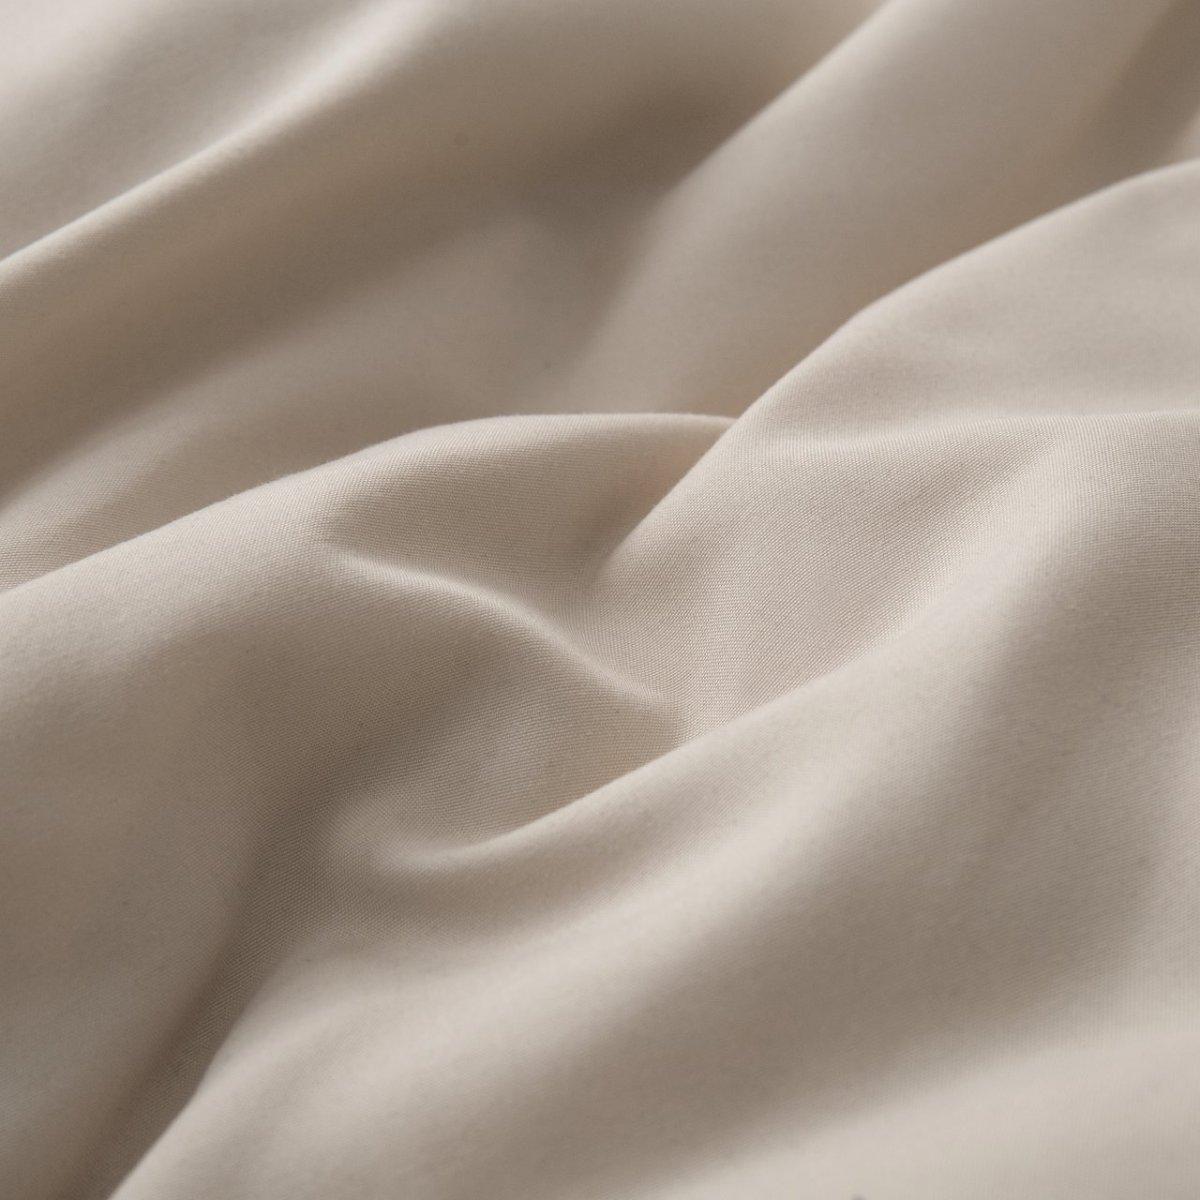 Текстура ткани белья